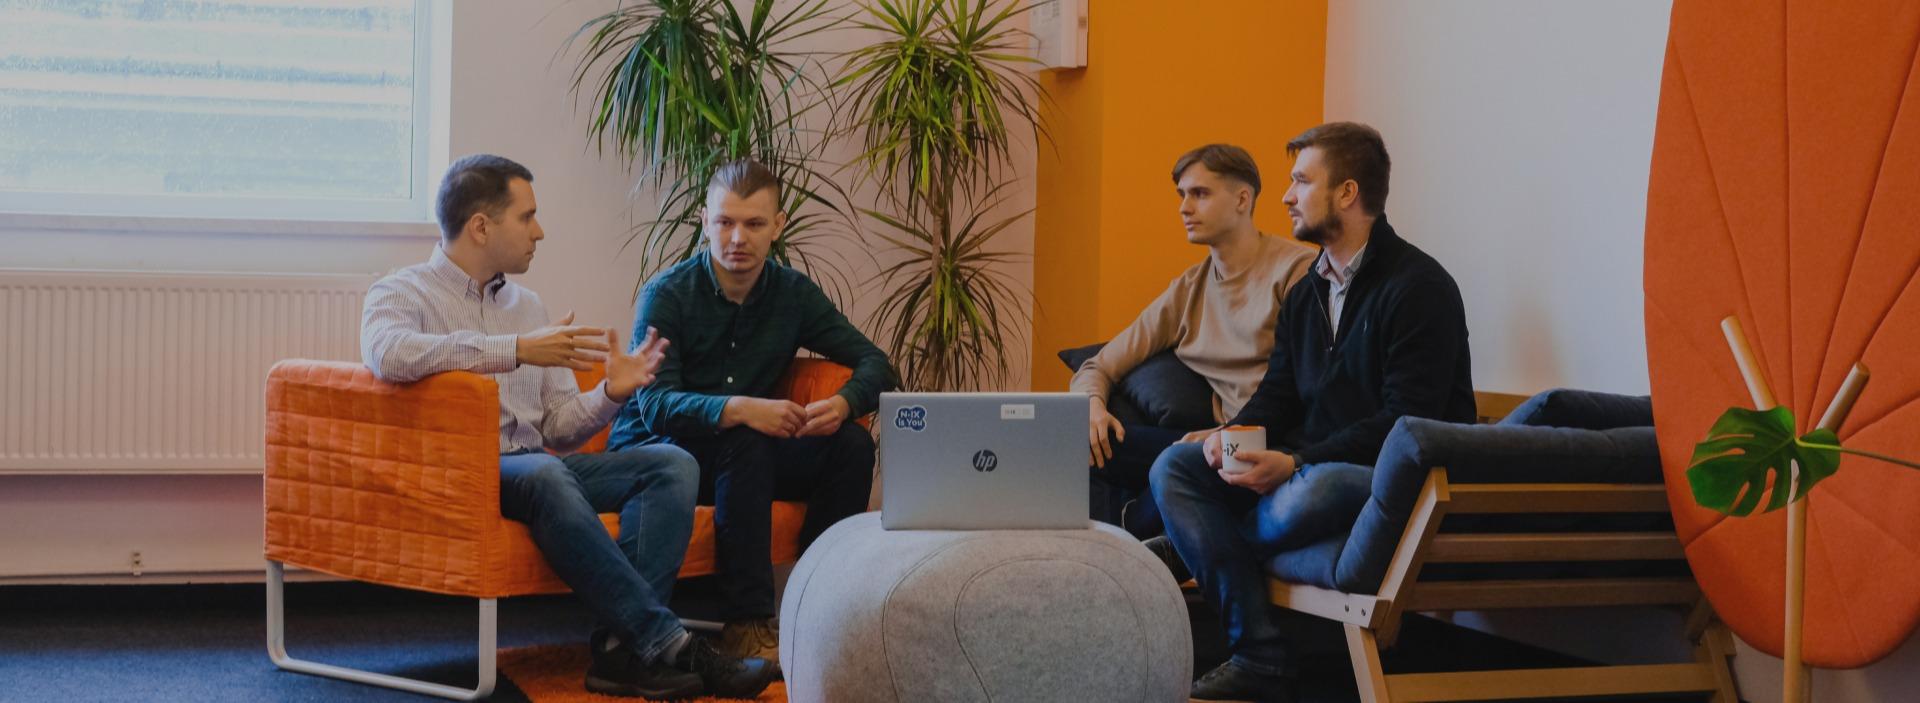 .NET community at N-iX: Engineers speak